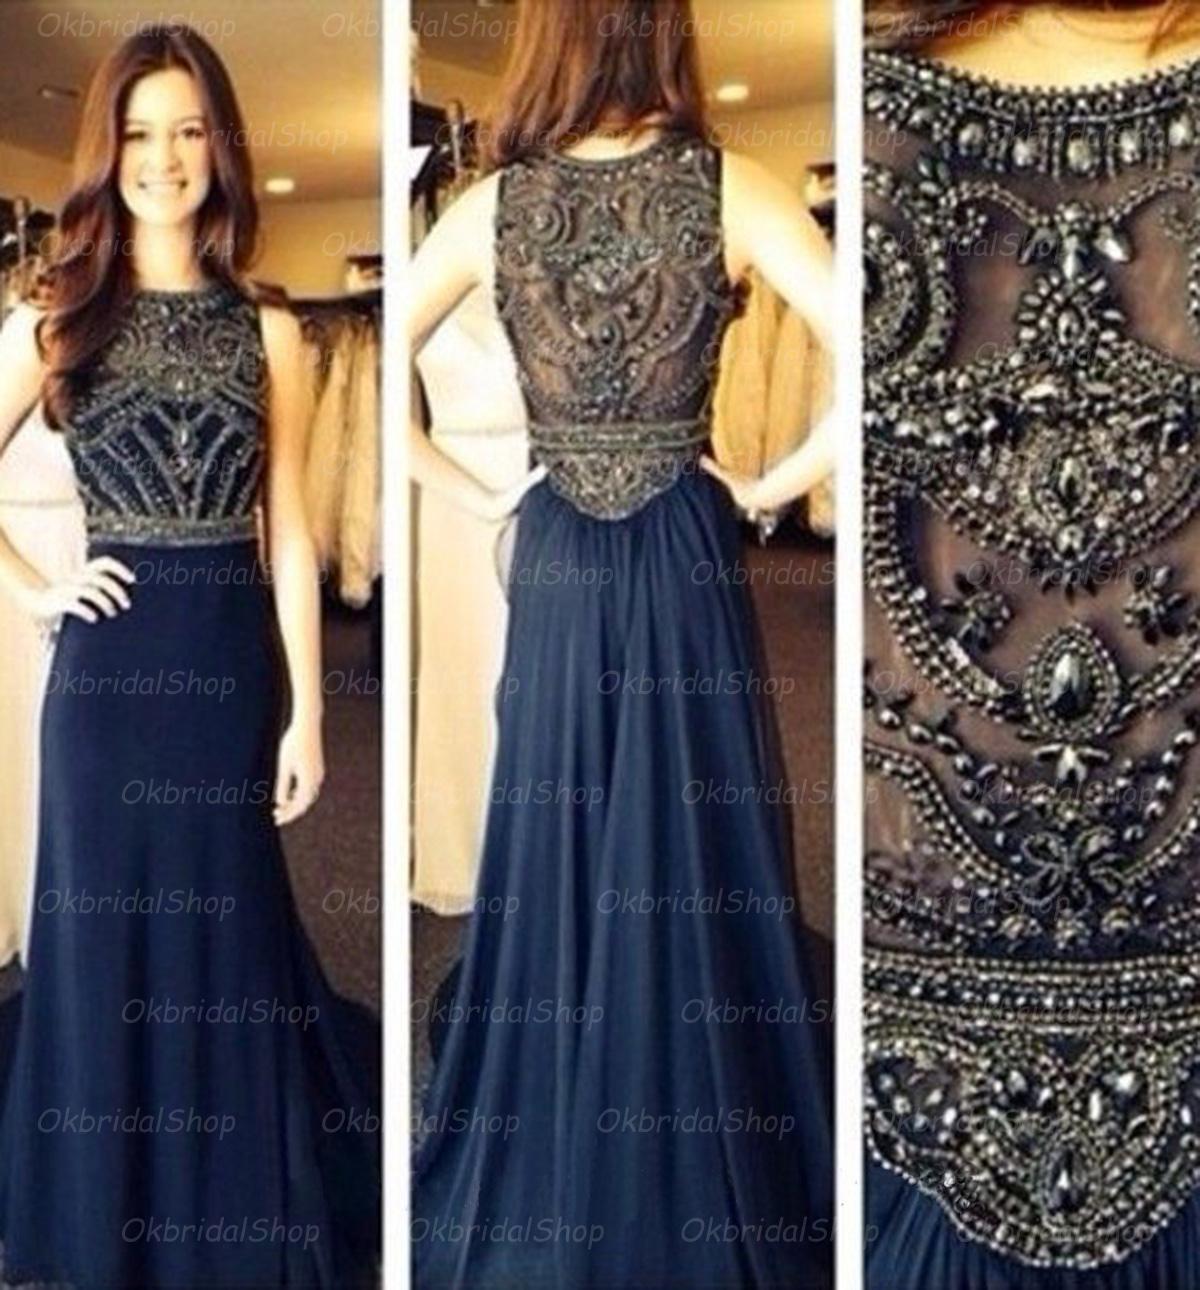 85ba243a9219 Navy prom dress, chiffon prom dress, long prom dress, best prom dress,